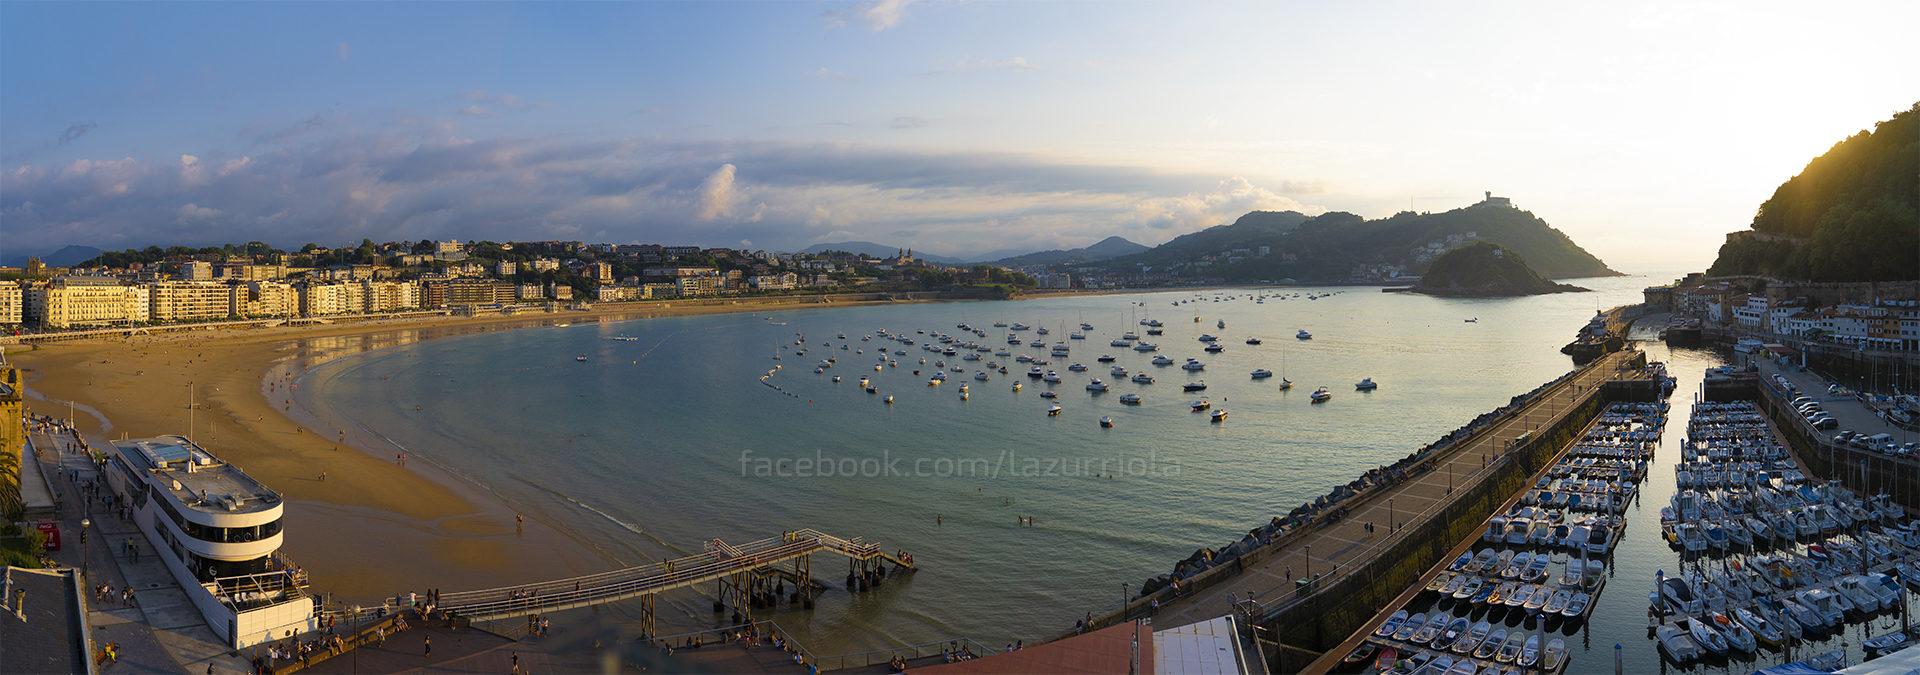 Bahía de la Concha - Puerto